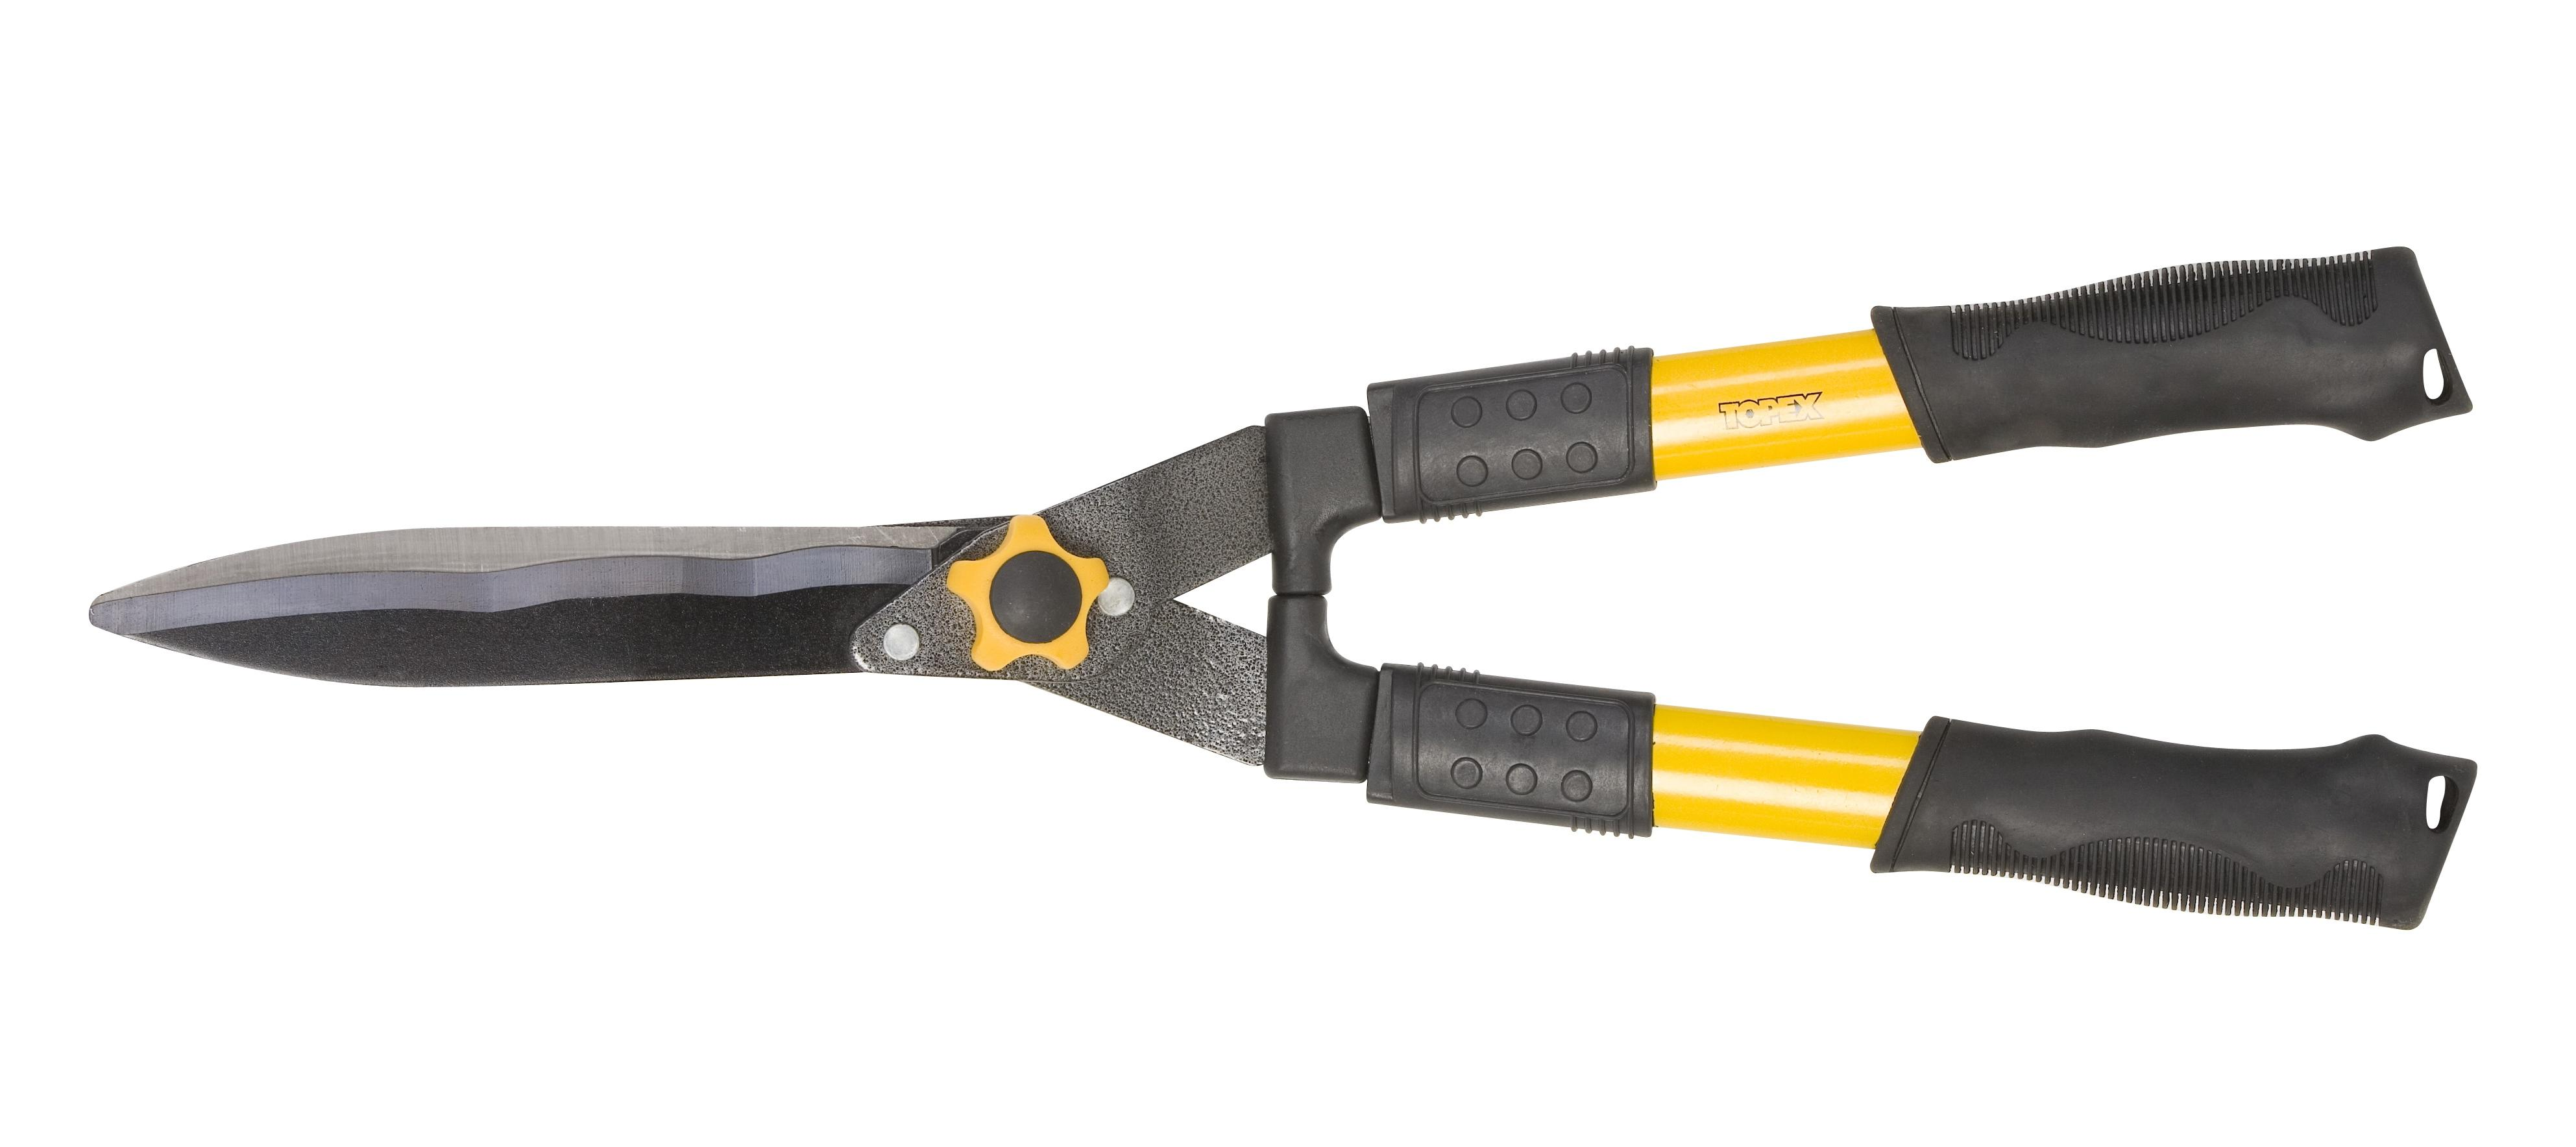 Nowe nożyce do żywopłotu marki TOPEX